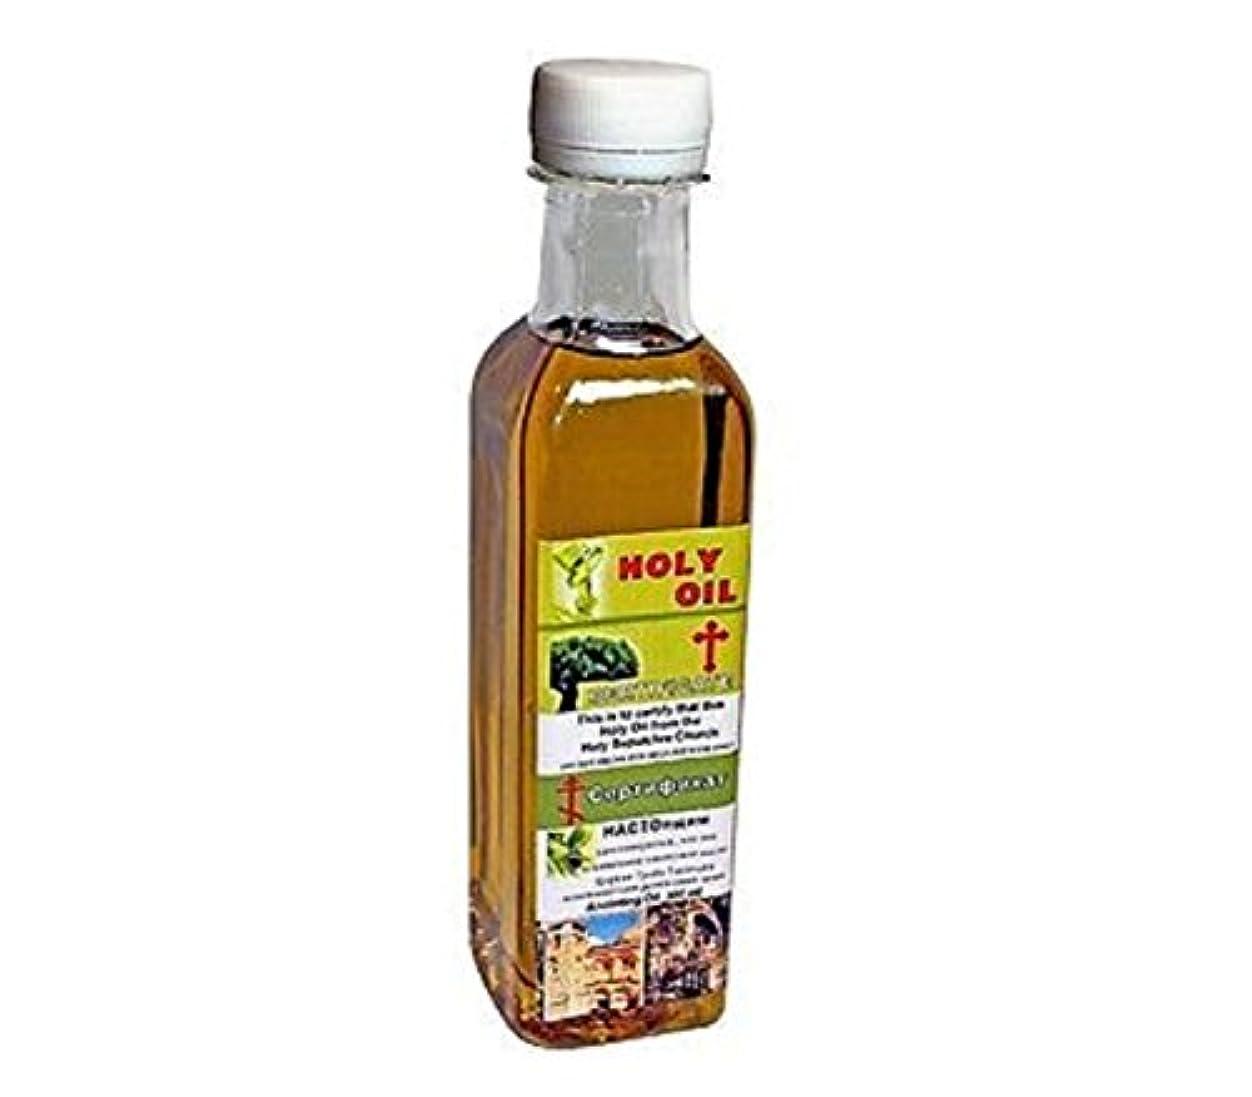 床を掃除する前投薬ブランデーLarge Holyオイルからベツレヘム – Made in BethlehemベツレヘムbyギフトTM